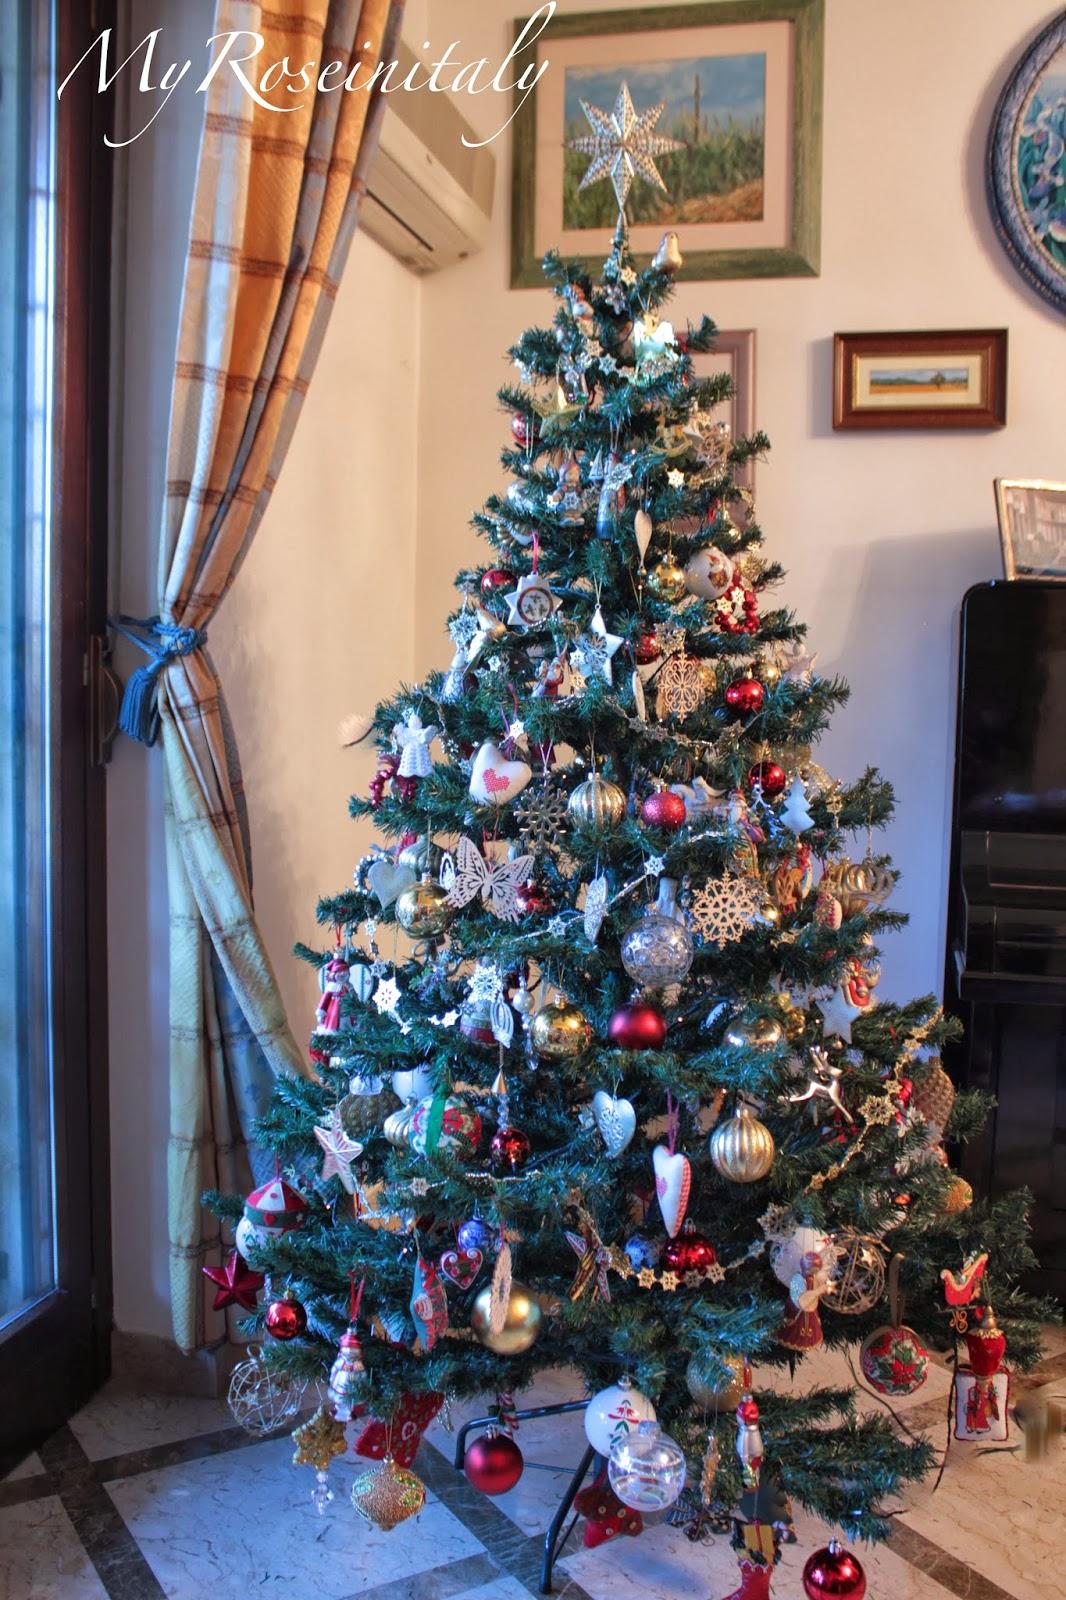 ... arrotolandole a spirale tutto intorno all albero. Il risultato finale è  molto equilibrato e ordinato. Maggiore è la quantità di decorazioni da  appendere ... 54fa51cb7c9d